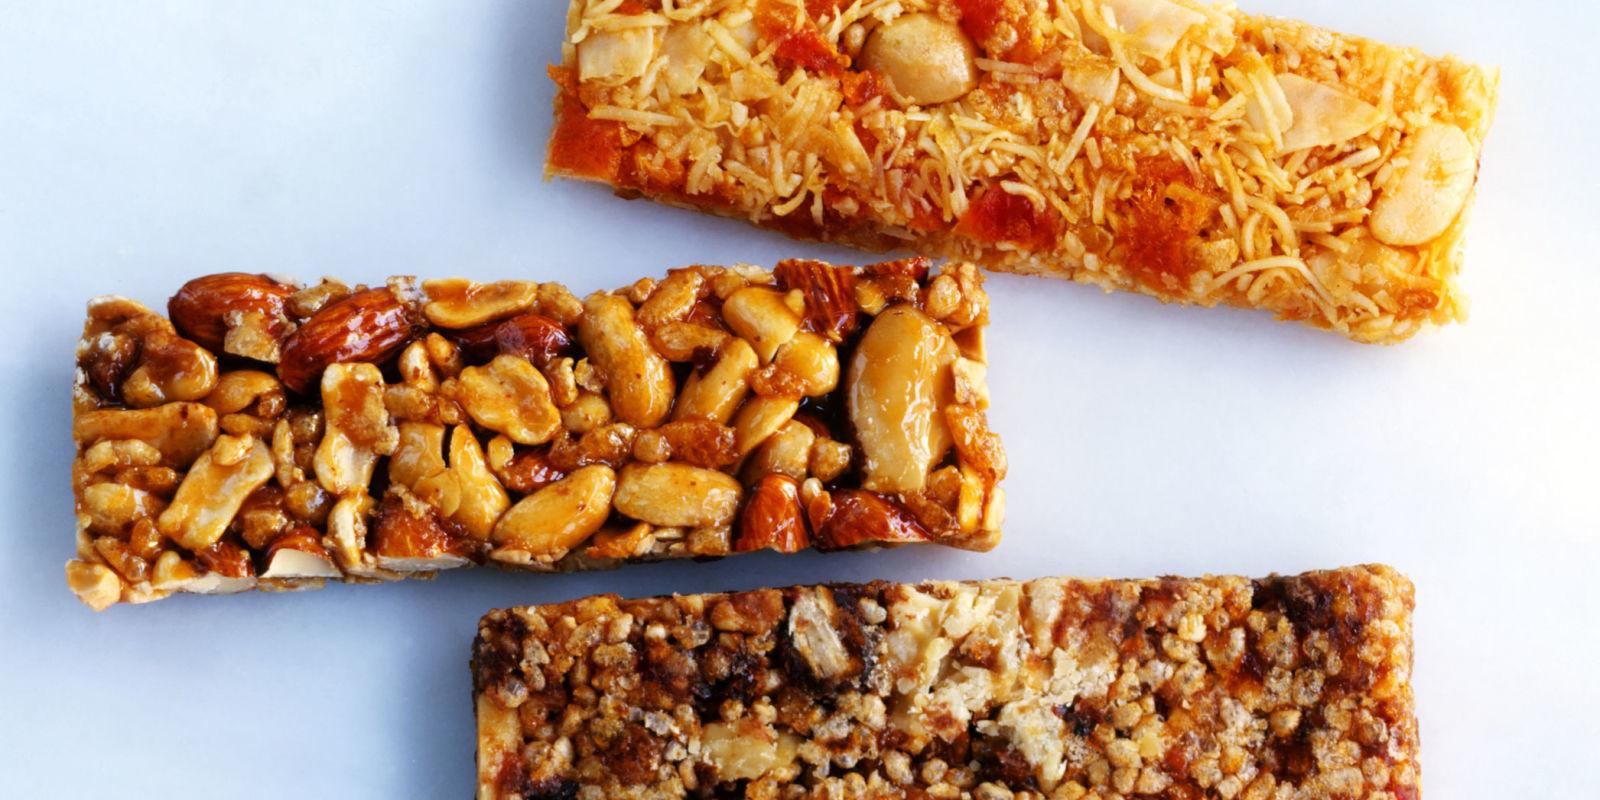 Best Healthy Breakfast Bars  25 Best Breakfast Bars Healthy and Low Calorie Breakfast